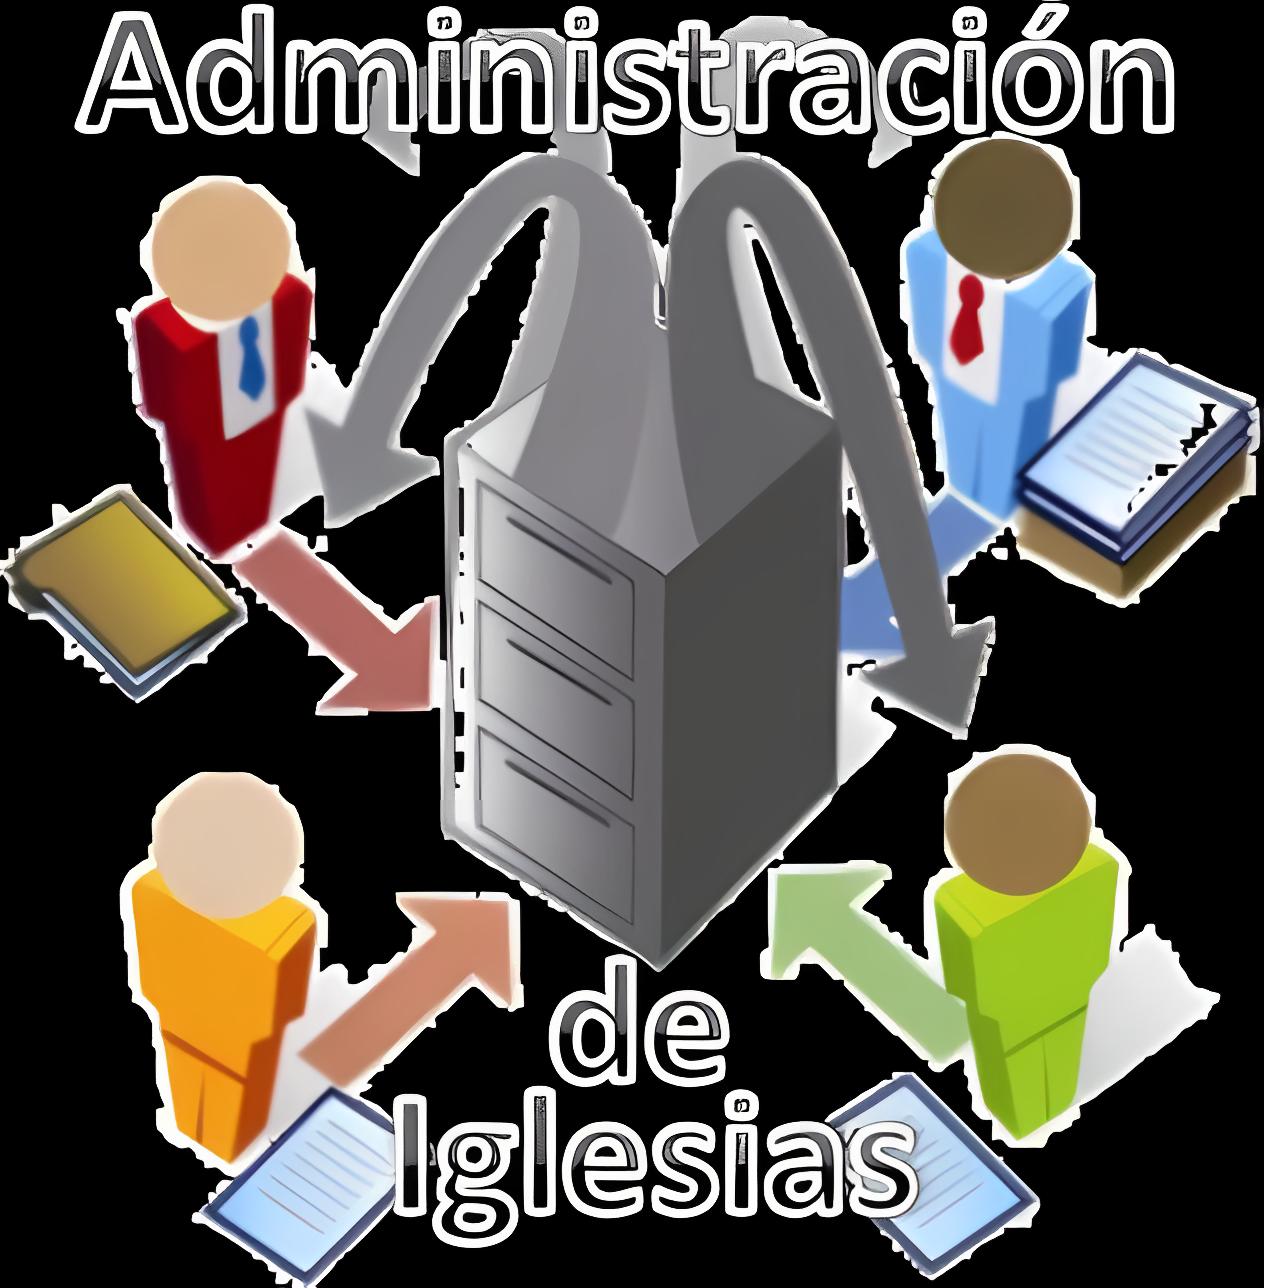 Administracion de Iglesias